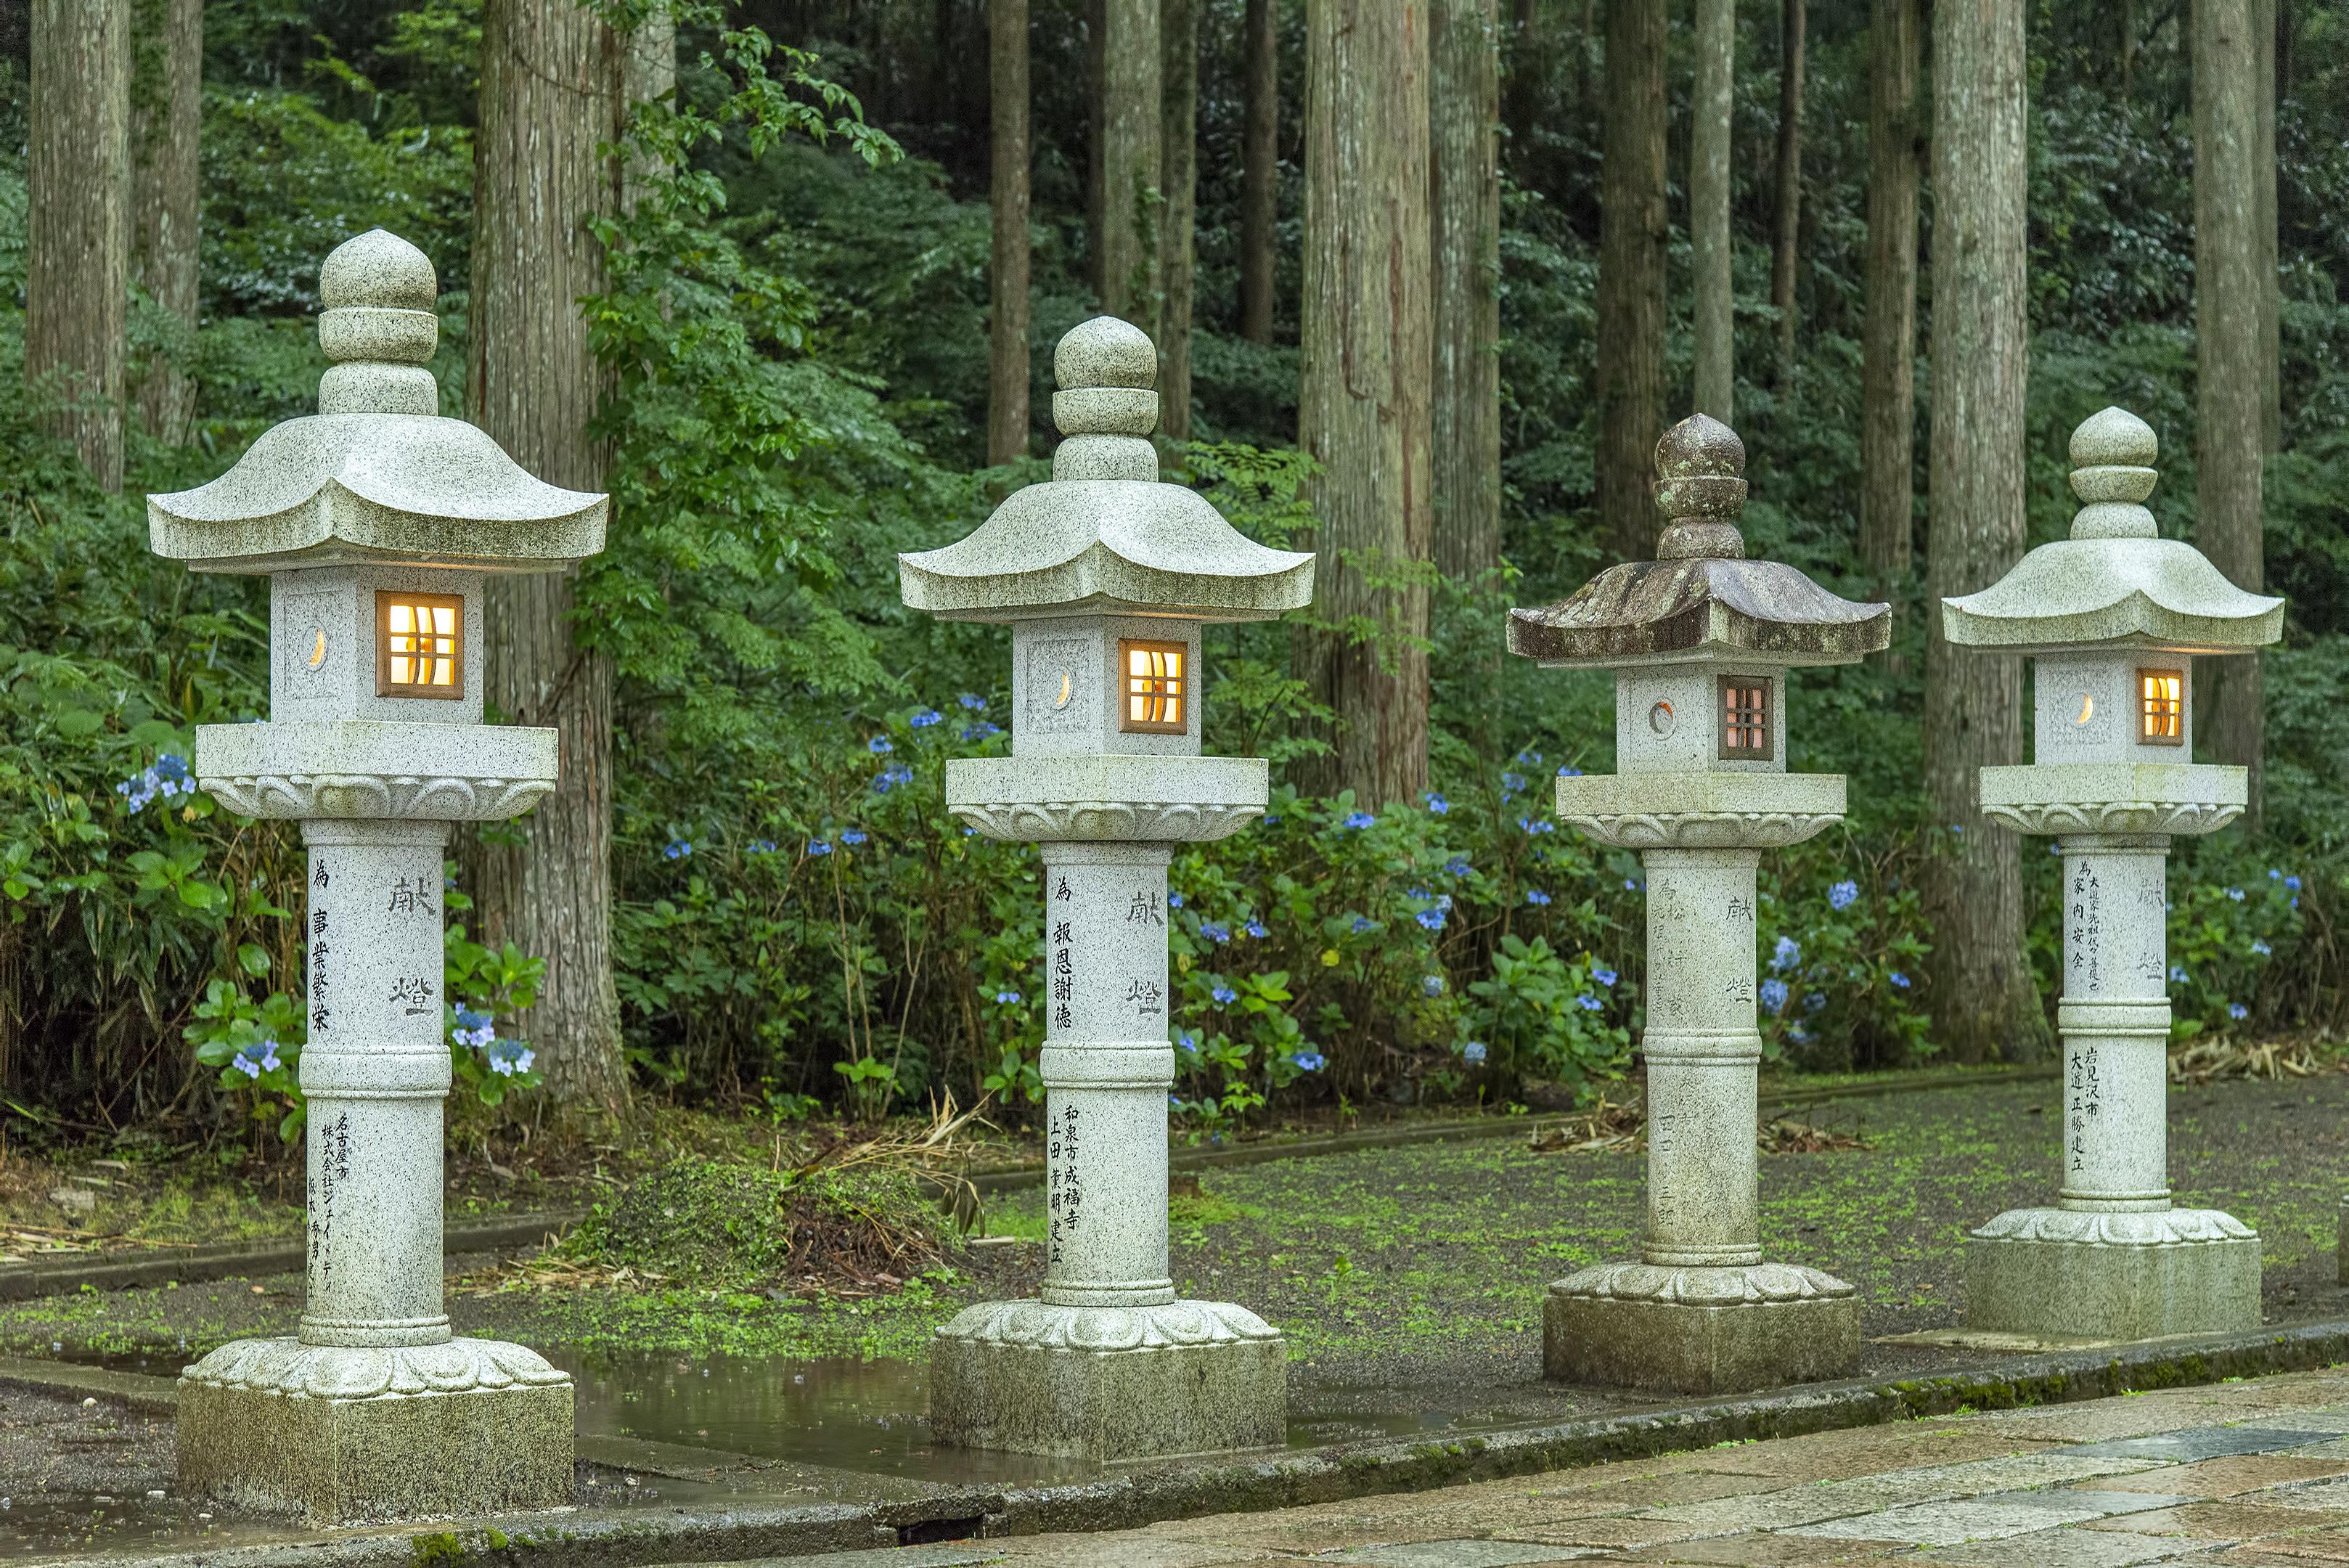 koyasan stone lanterns okunoin